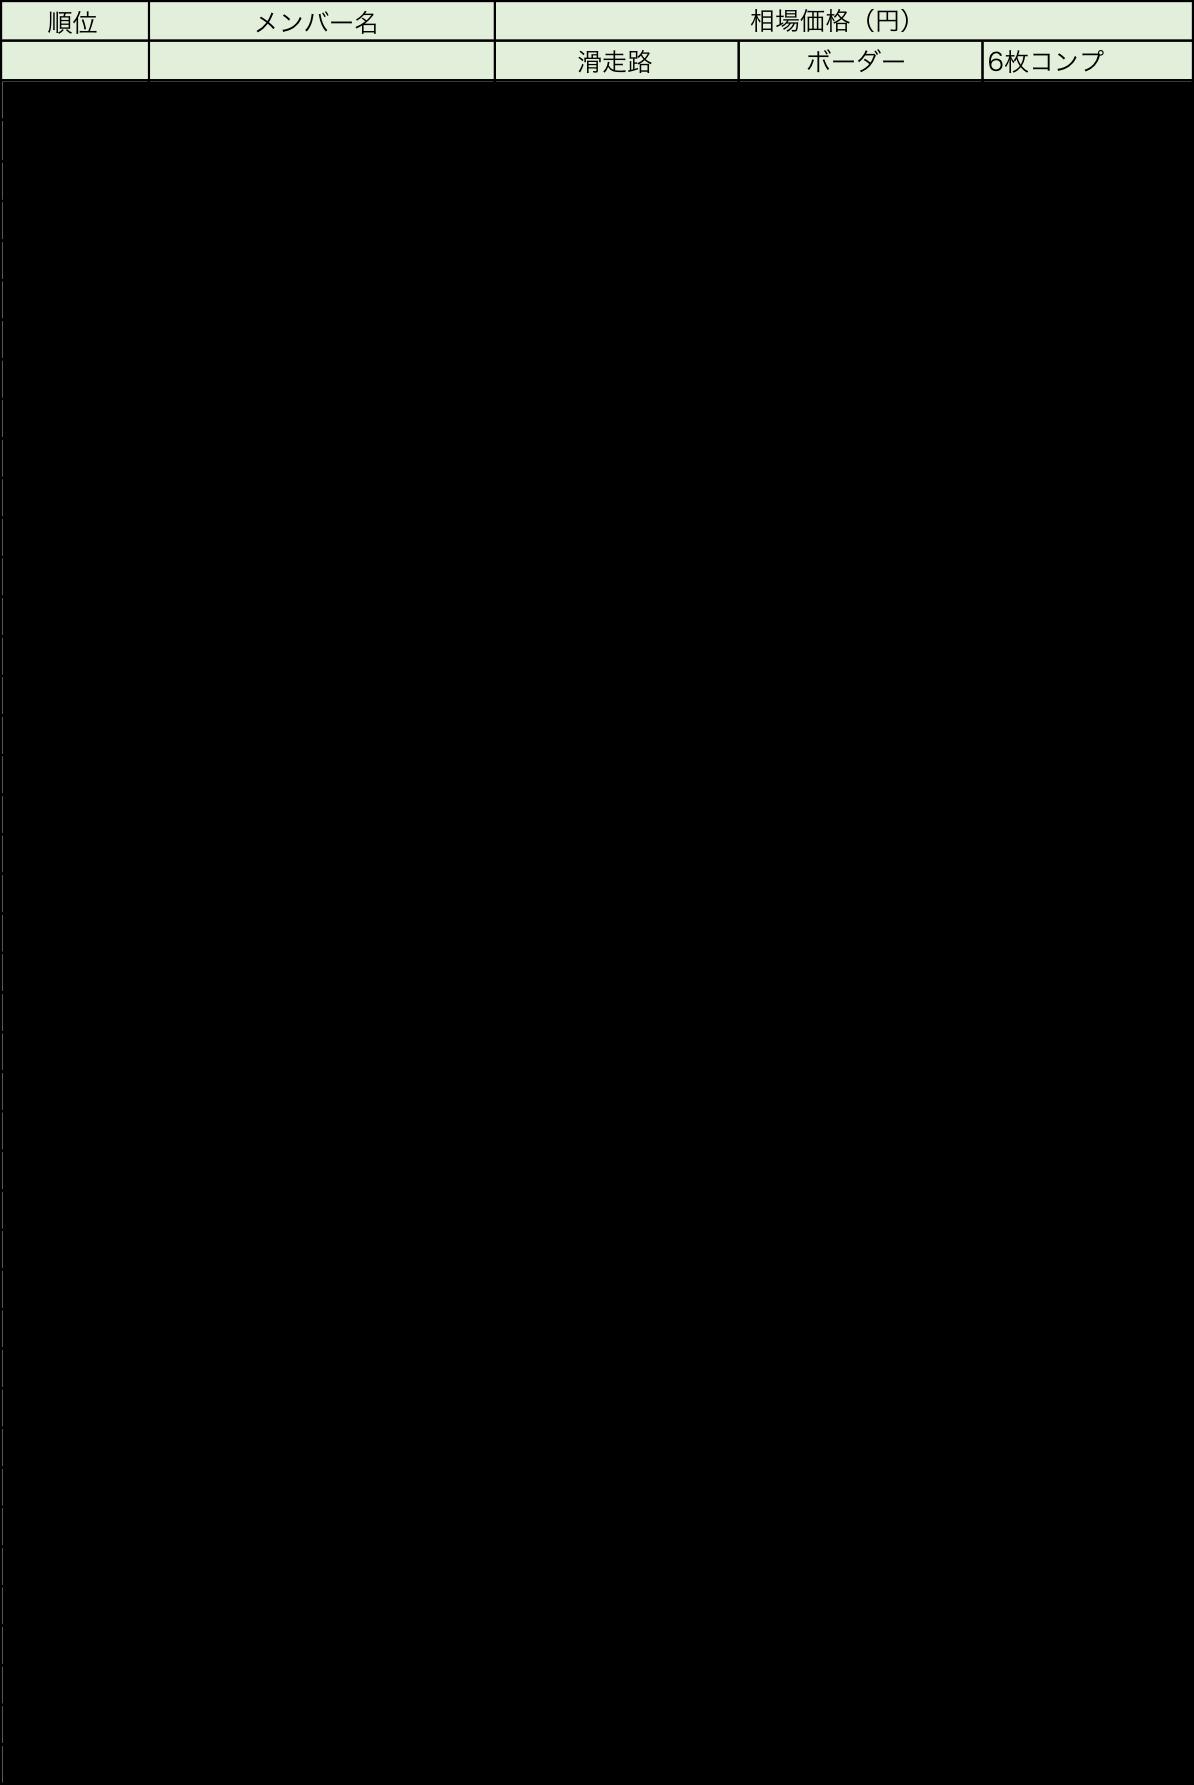 乃木坂滑走路ボーダーレート表